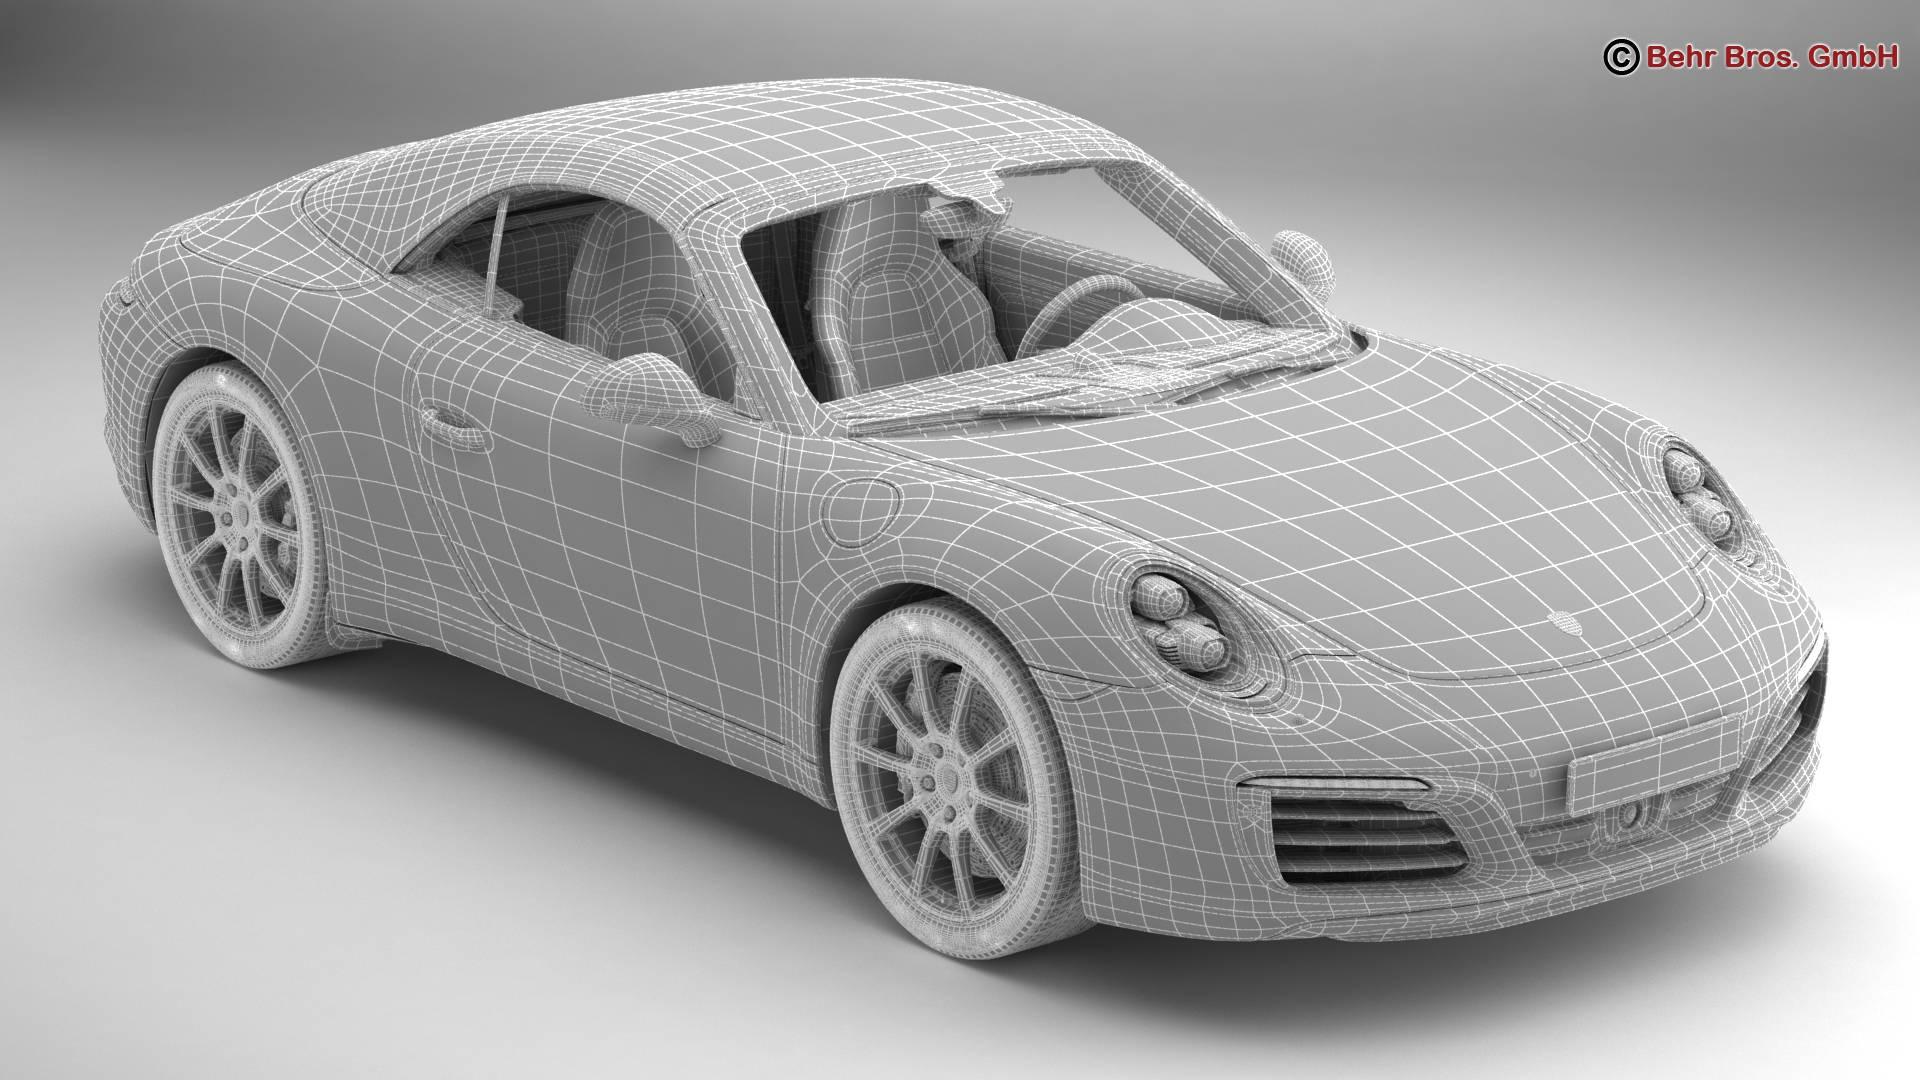 porsche 911 carrera cabriolet 2017 3d líkan 3ds max fbx c4d lwo ma mb obj 220805